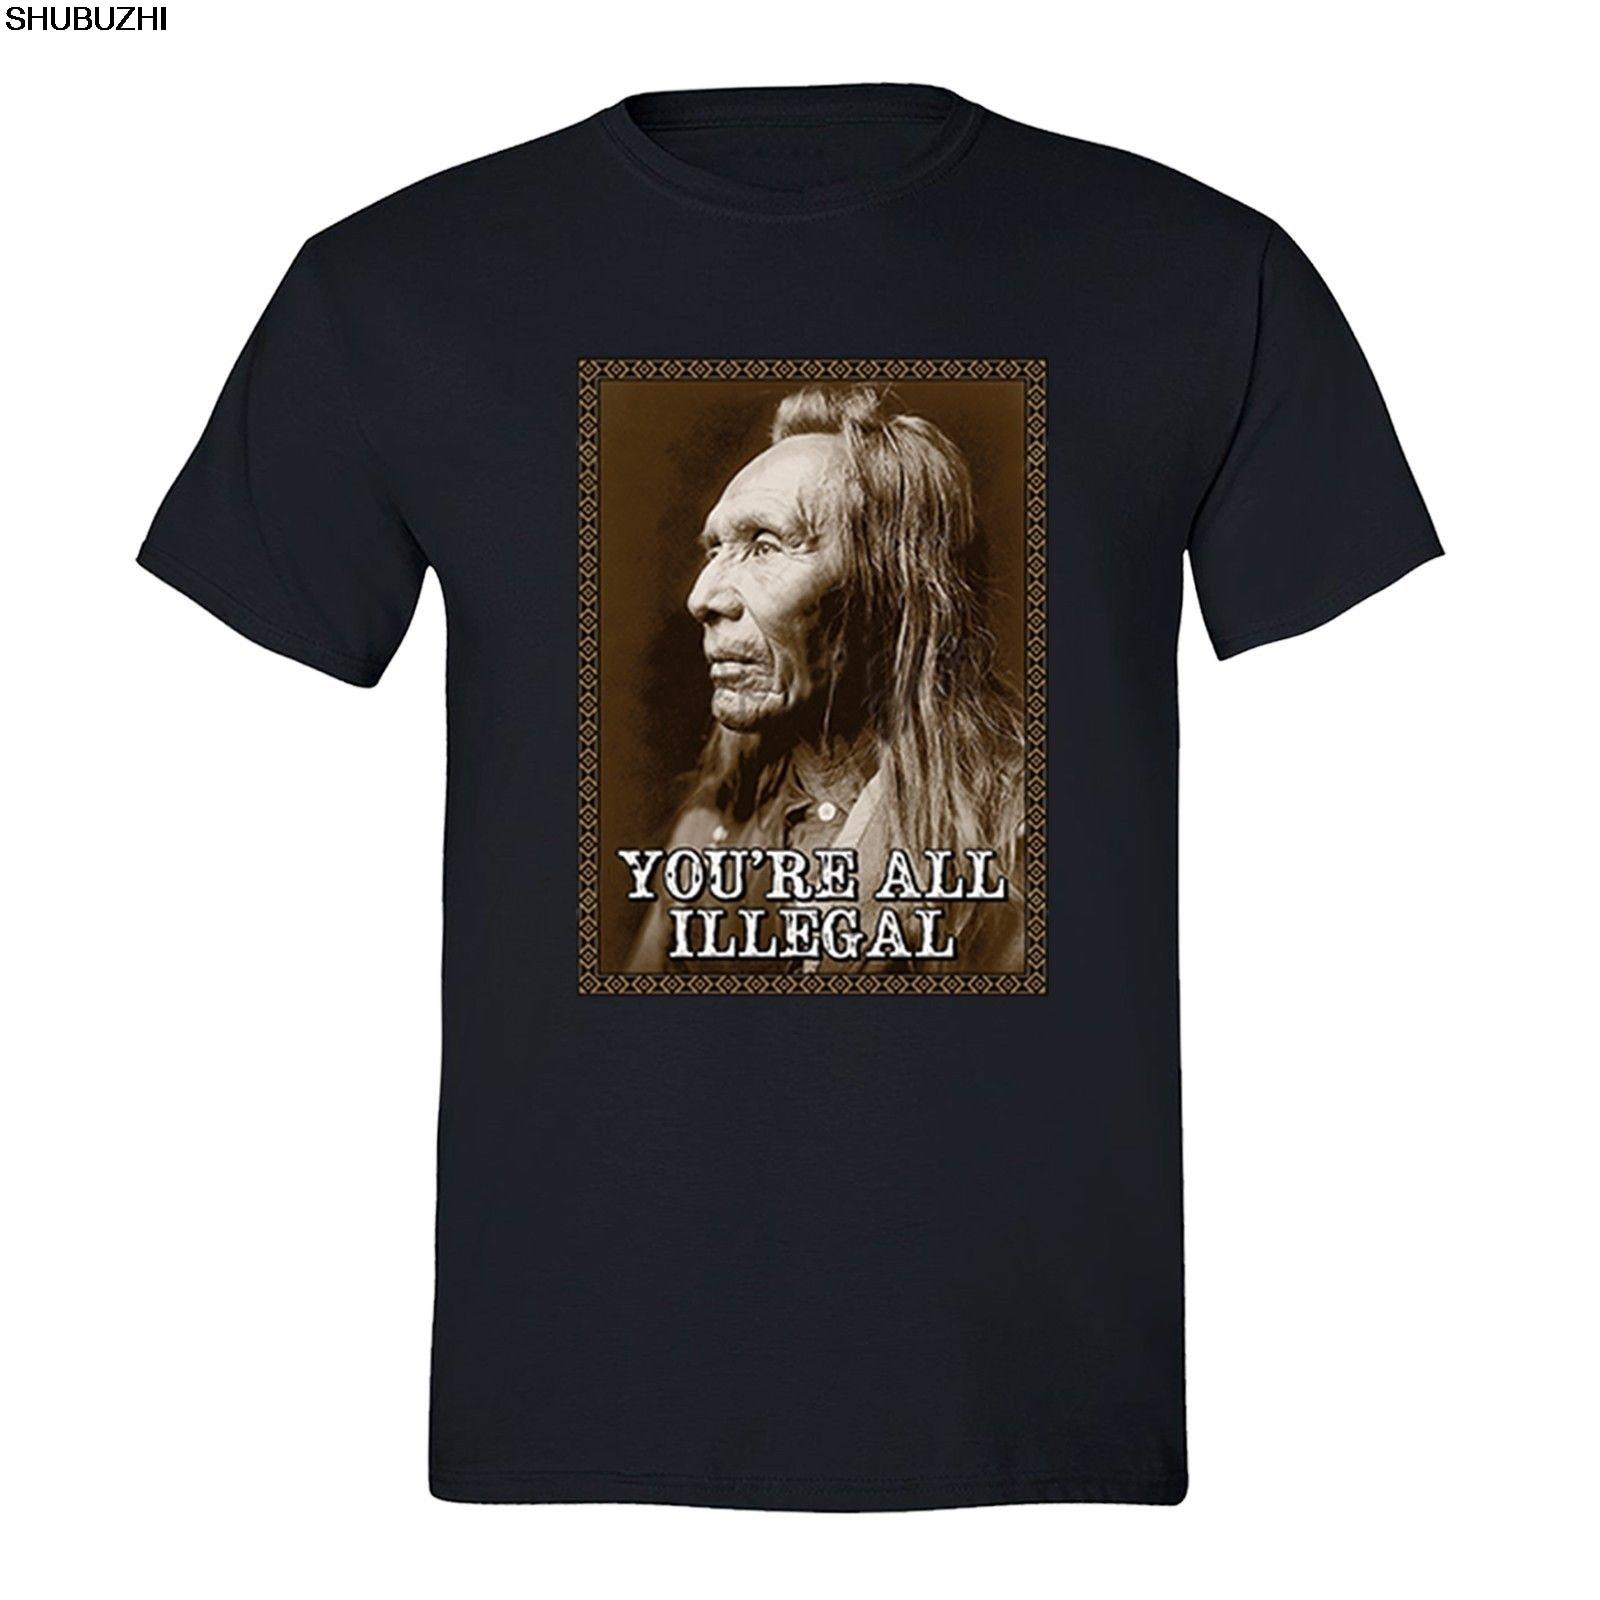 Qualifiziert Alle Illegalen Kampf Terrorismus T-shirt Native American Flag Usa Indische T-shirt Sbz1230 Vertrieb Von QualitäTssicherung Oberteile Und T-shirts